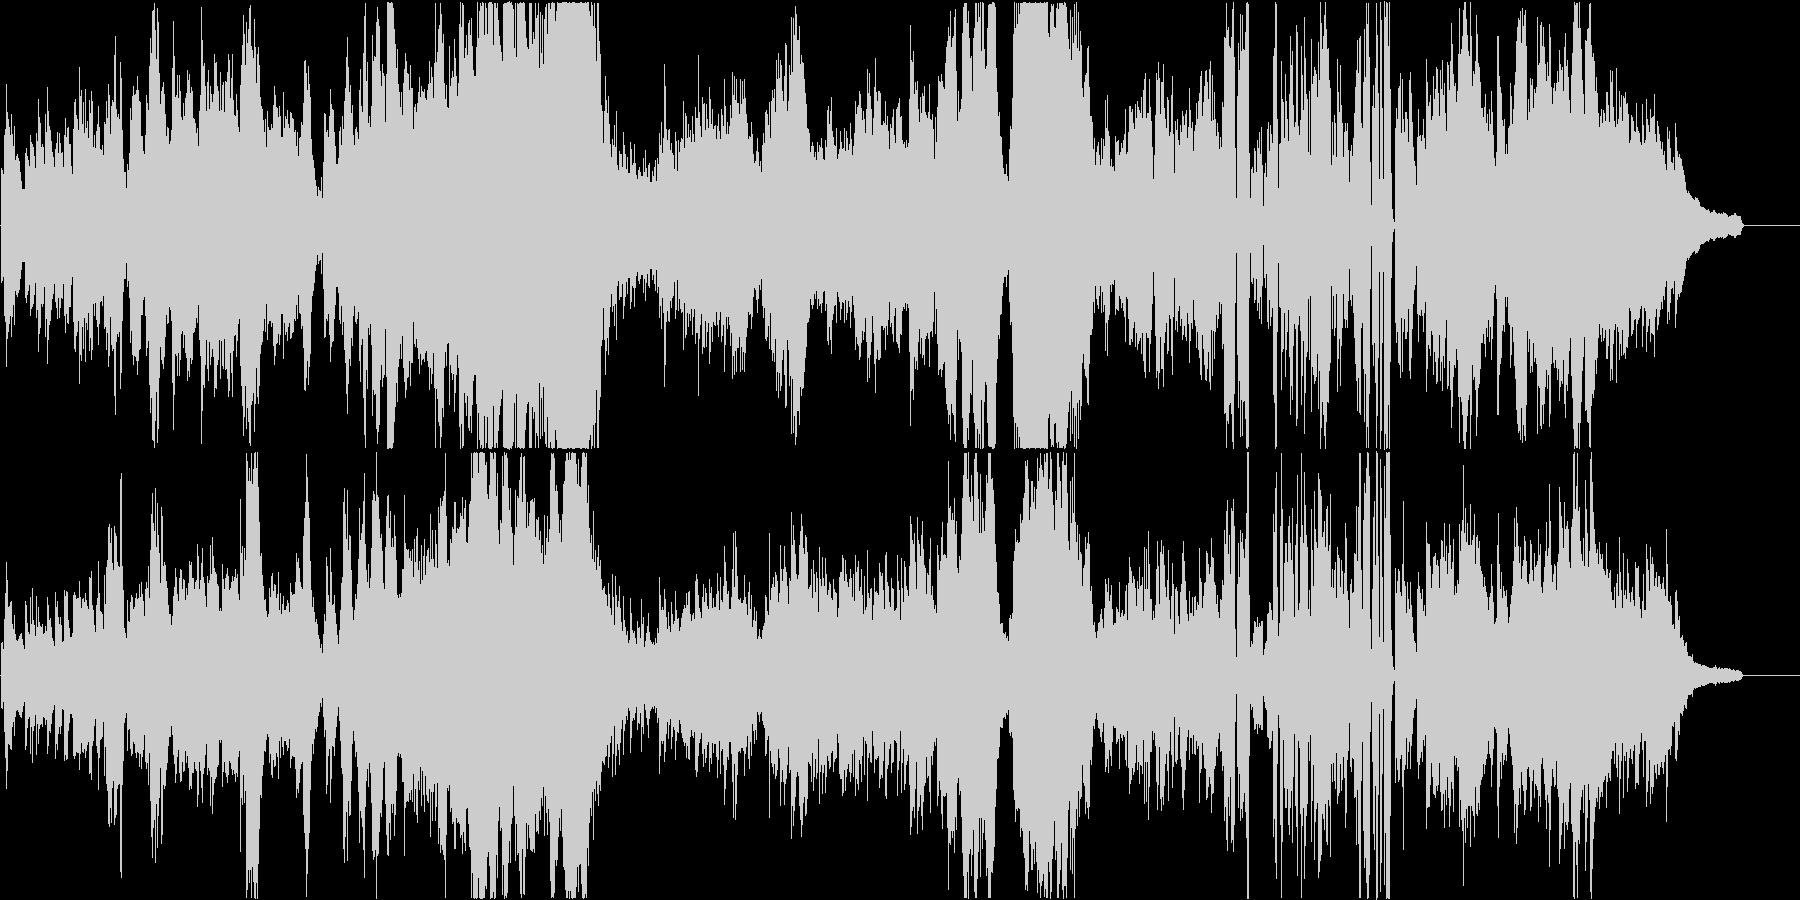 木星をイメージした優美壮大なピアノソロ曲の未再生の波形